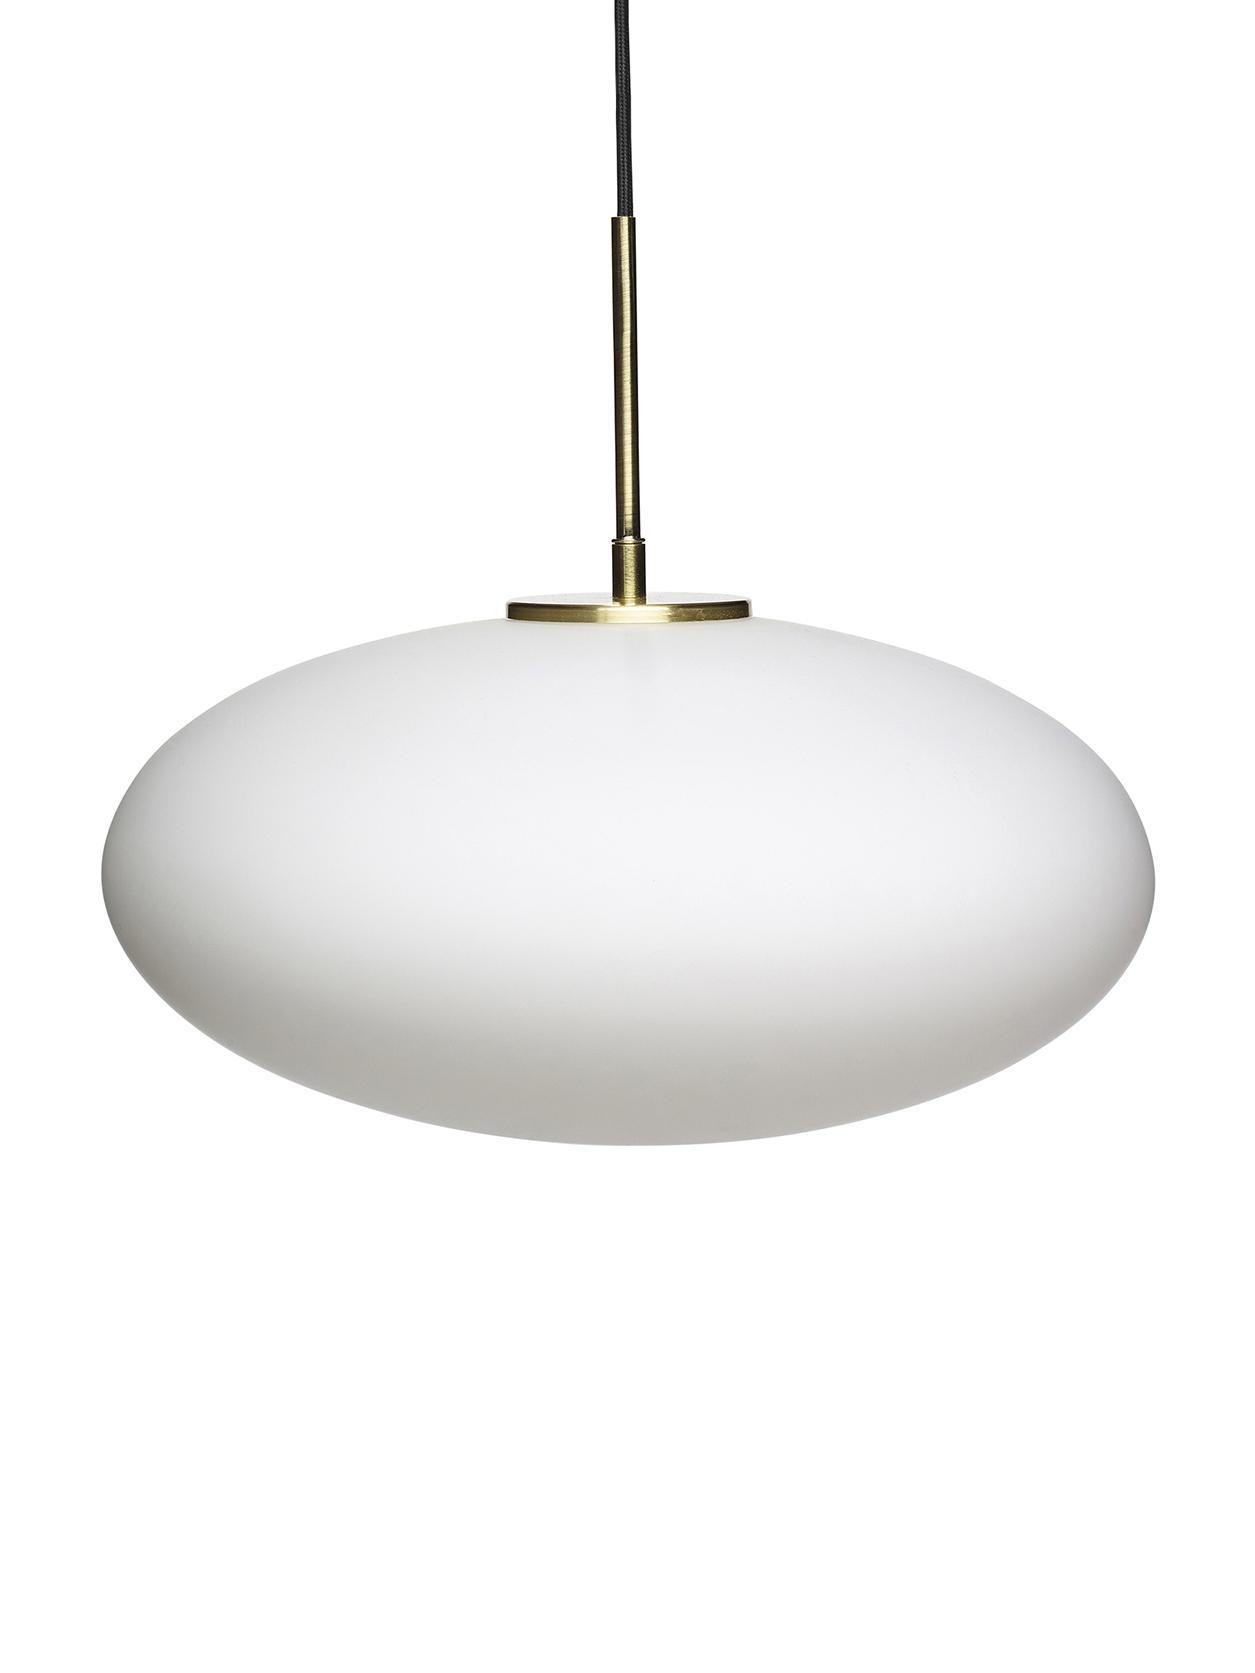 Lampa wisząca ze szkła opalowego Trivia, Biały opalowy, Ø 40 x W 32 cm